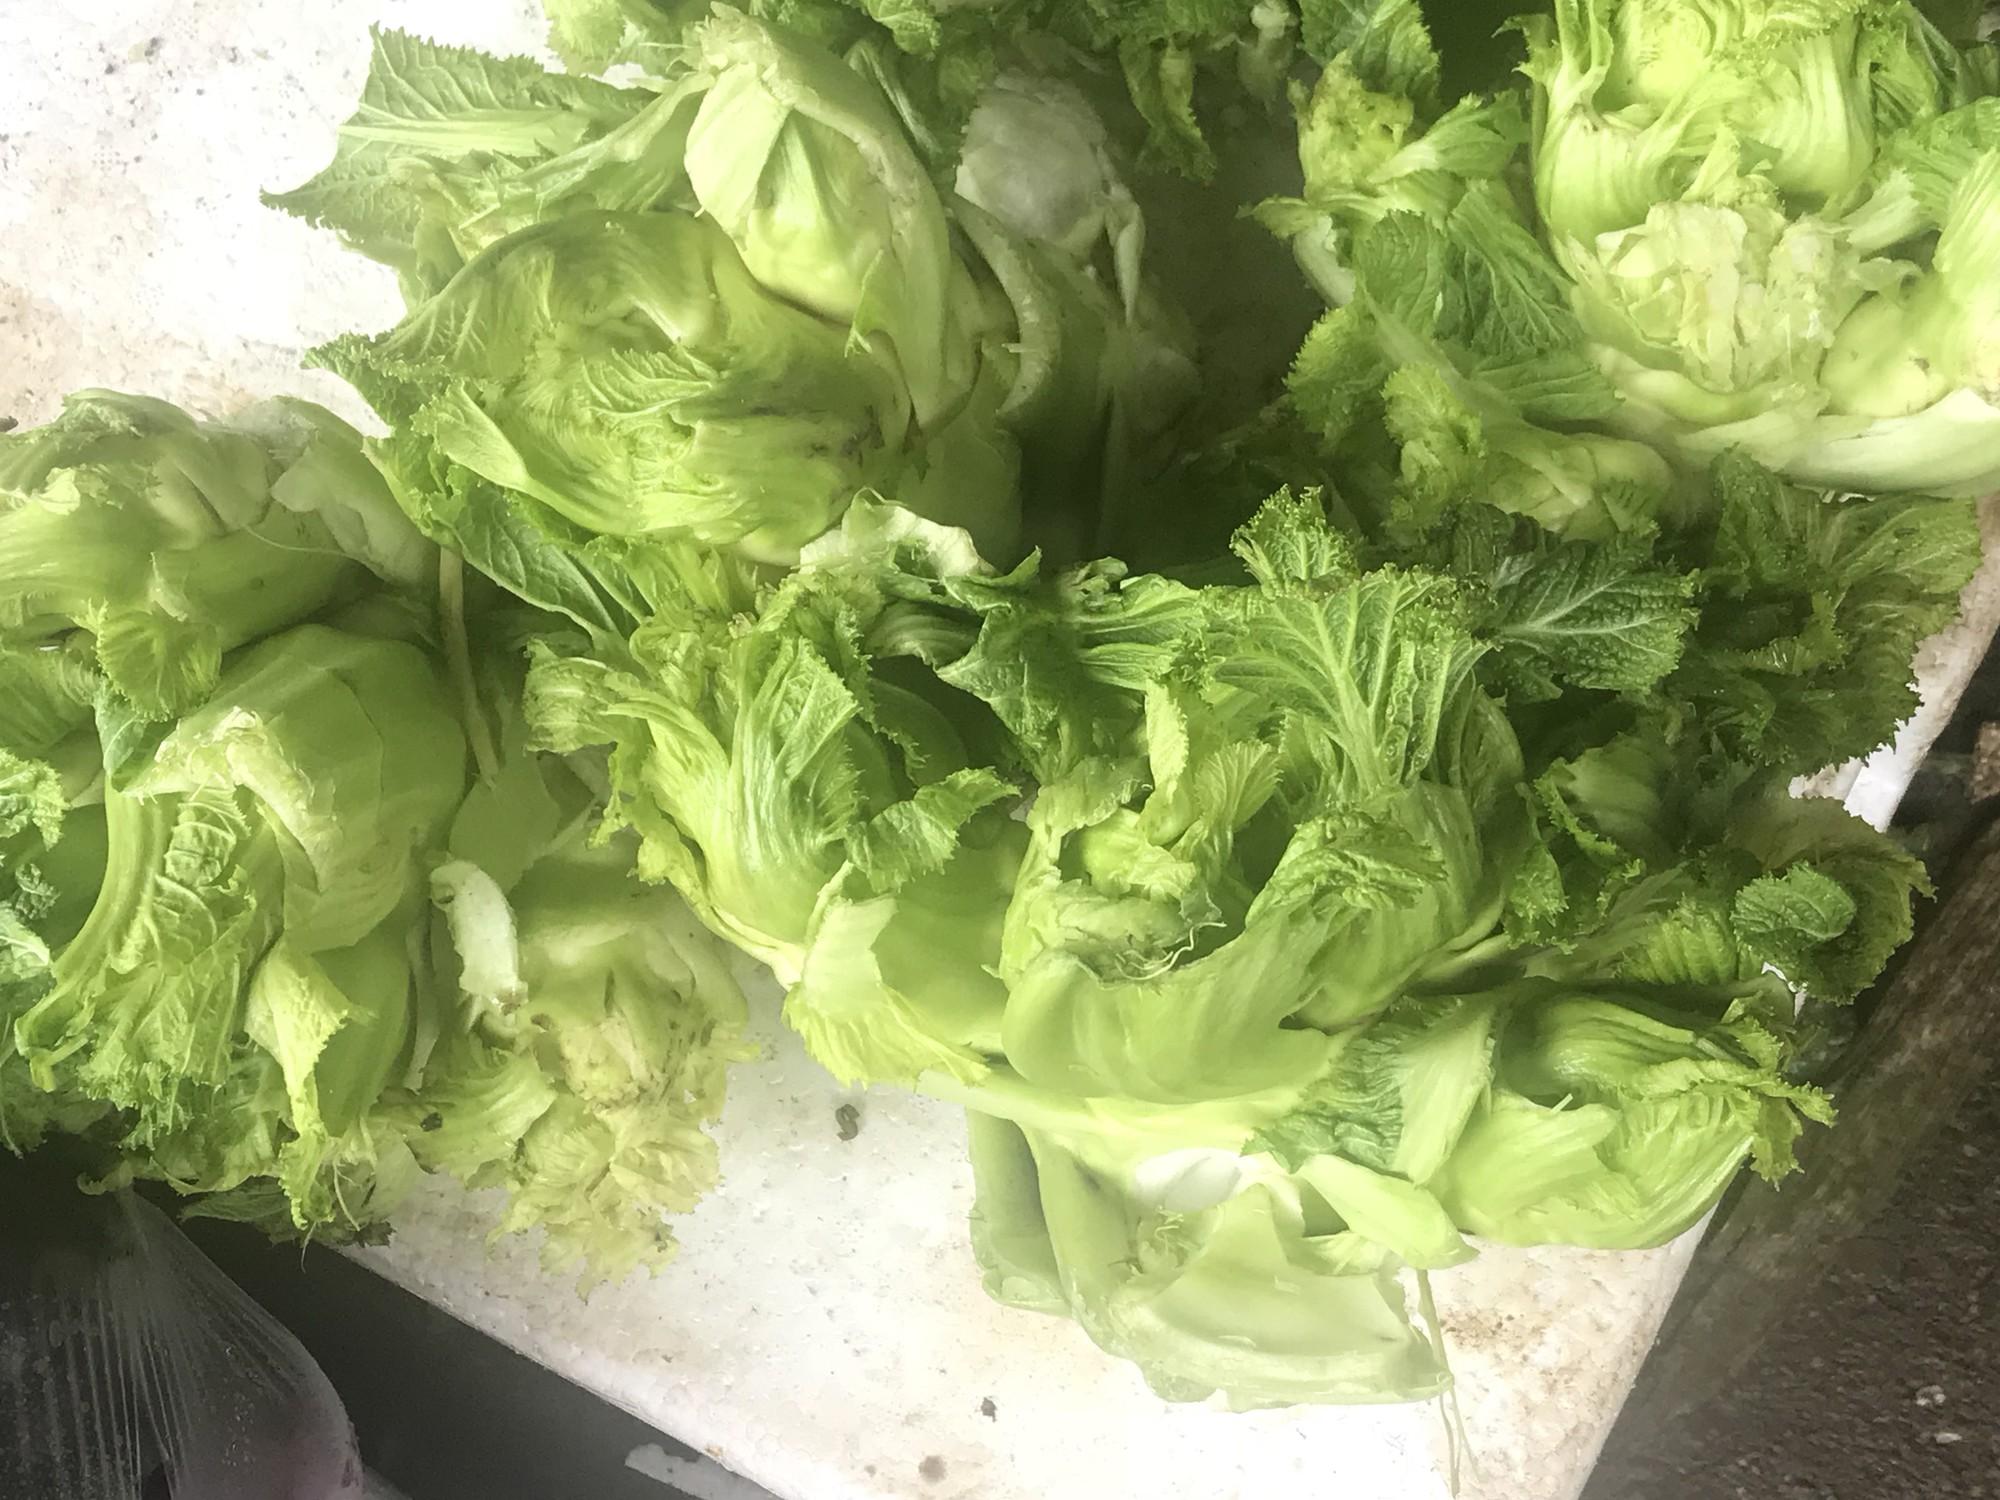 Chưa rét đậm rét hại, giá rau củ đã tăng gấp đôi - Ảnh 7.